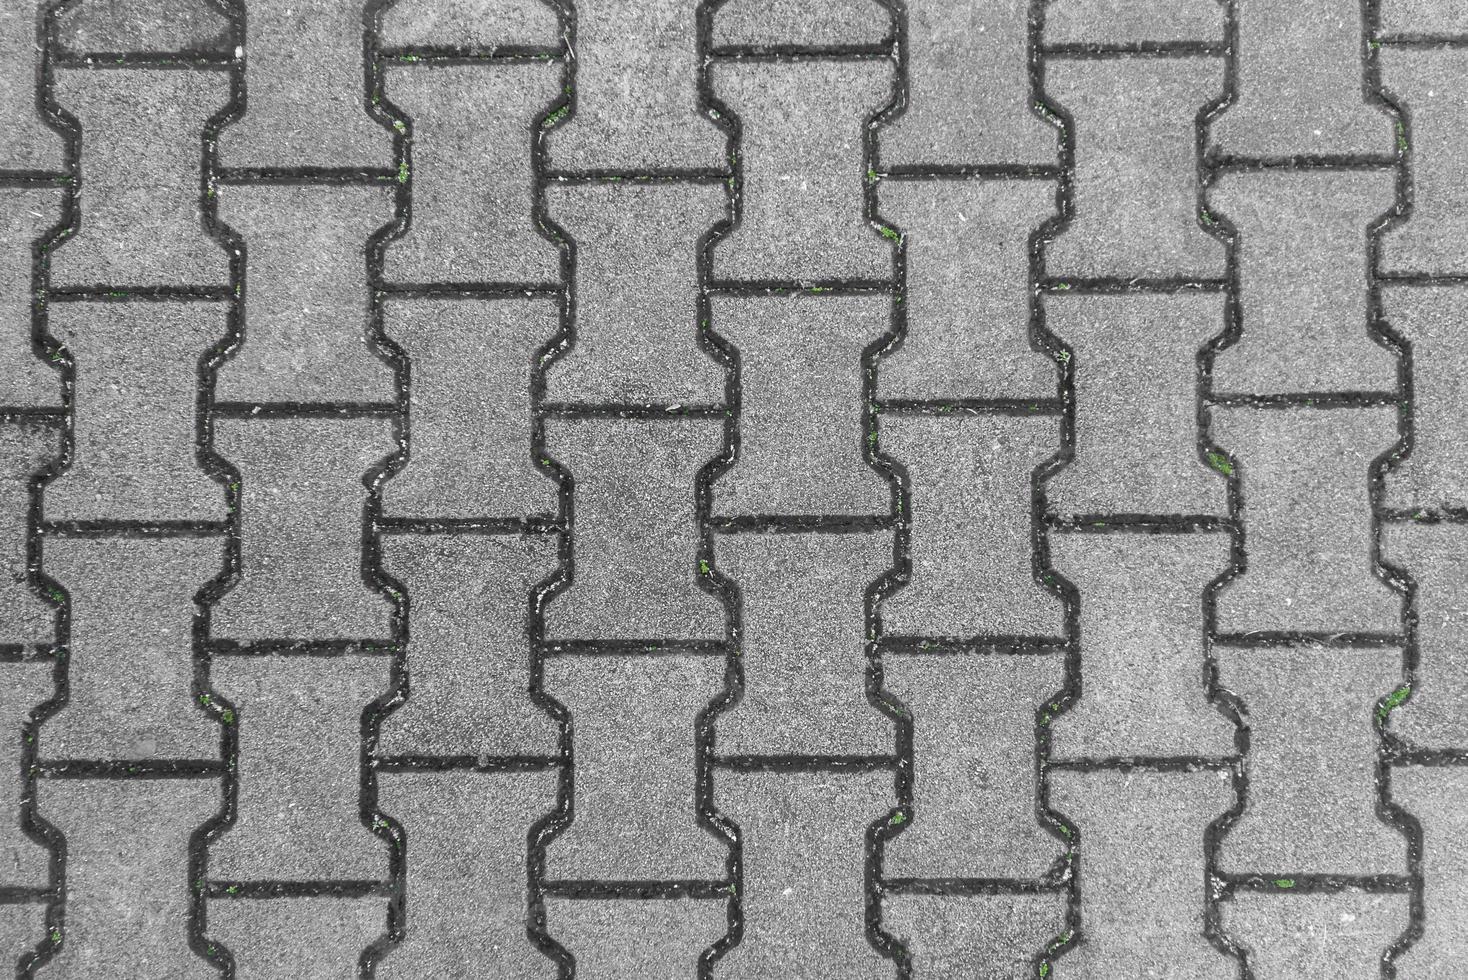 azulejos de la calle con musgo foto